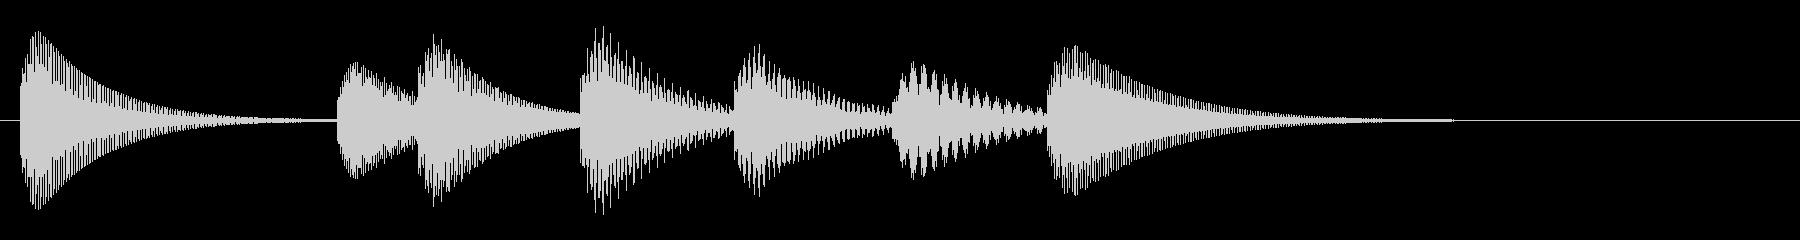 少し不器用な可愛いサウンドのマリンバの未再生の波形